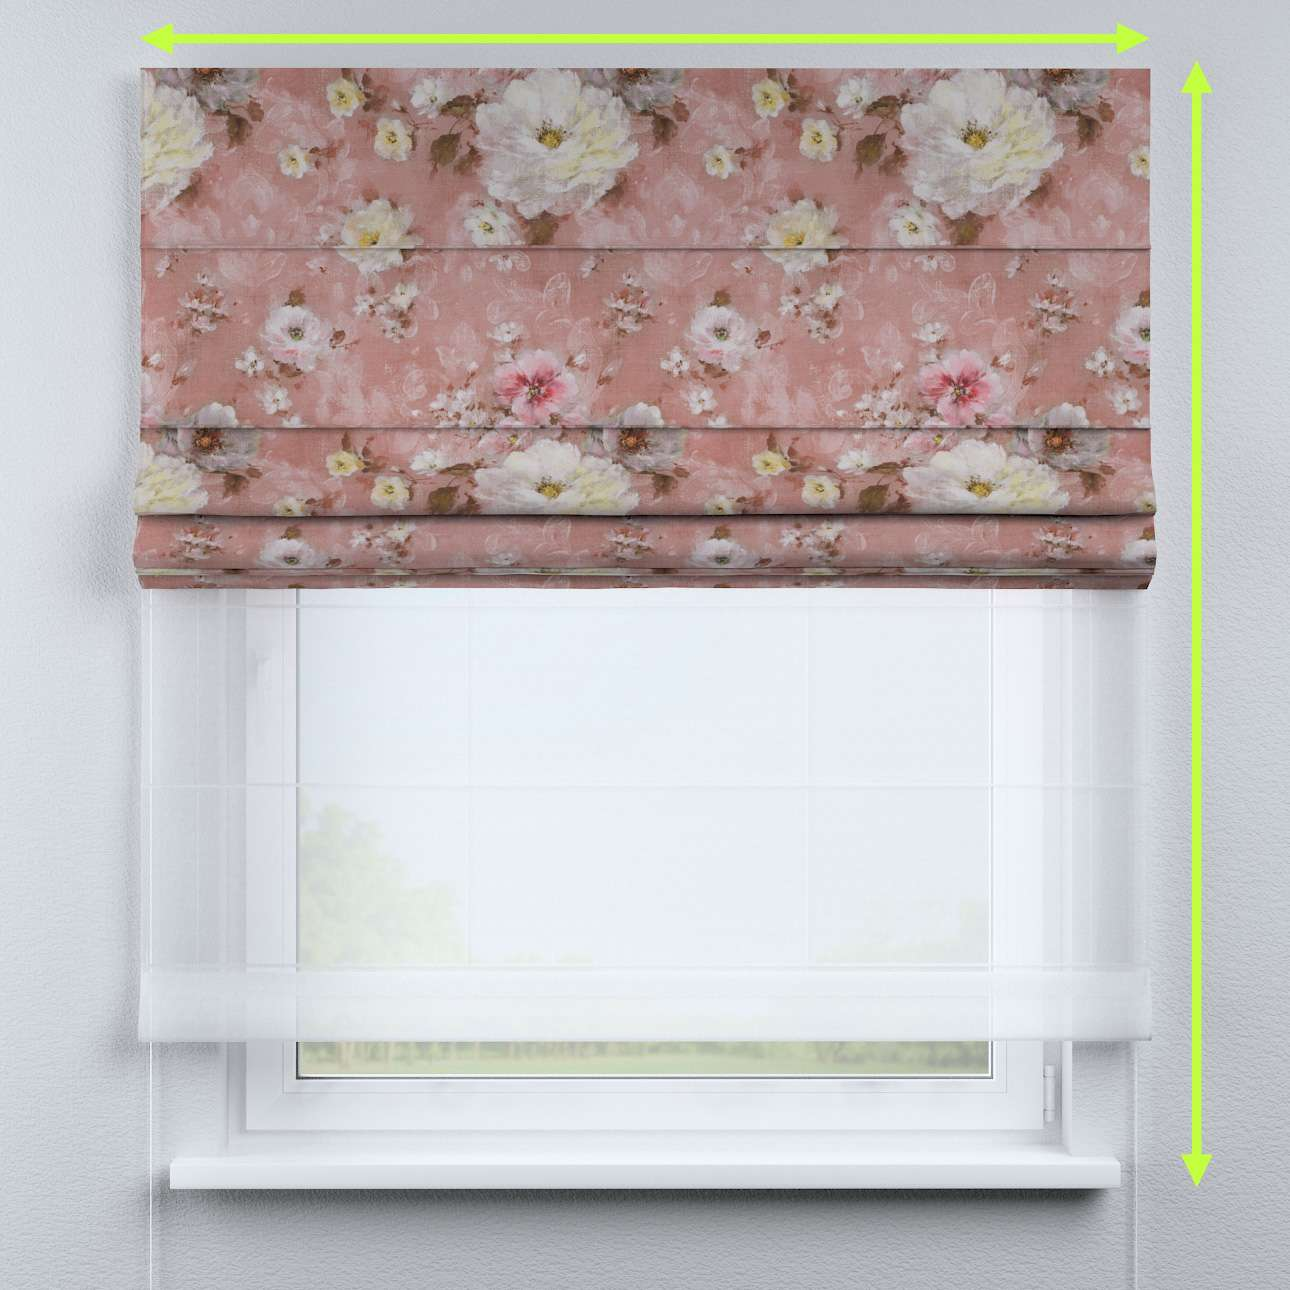 DUO Rímska roleta V kolekcii Flowers, tkanina: 137-83